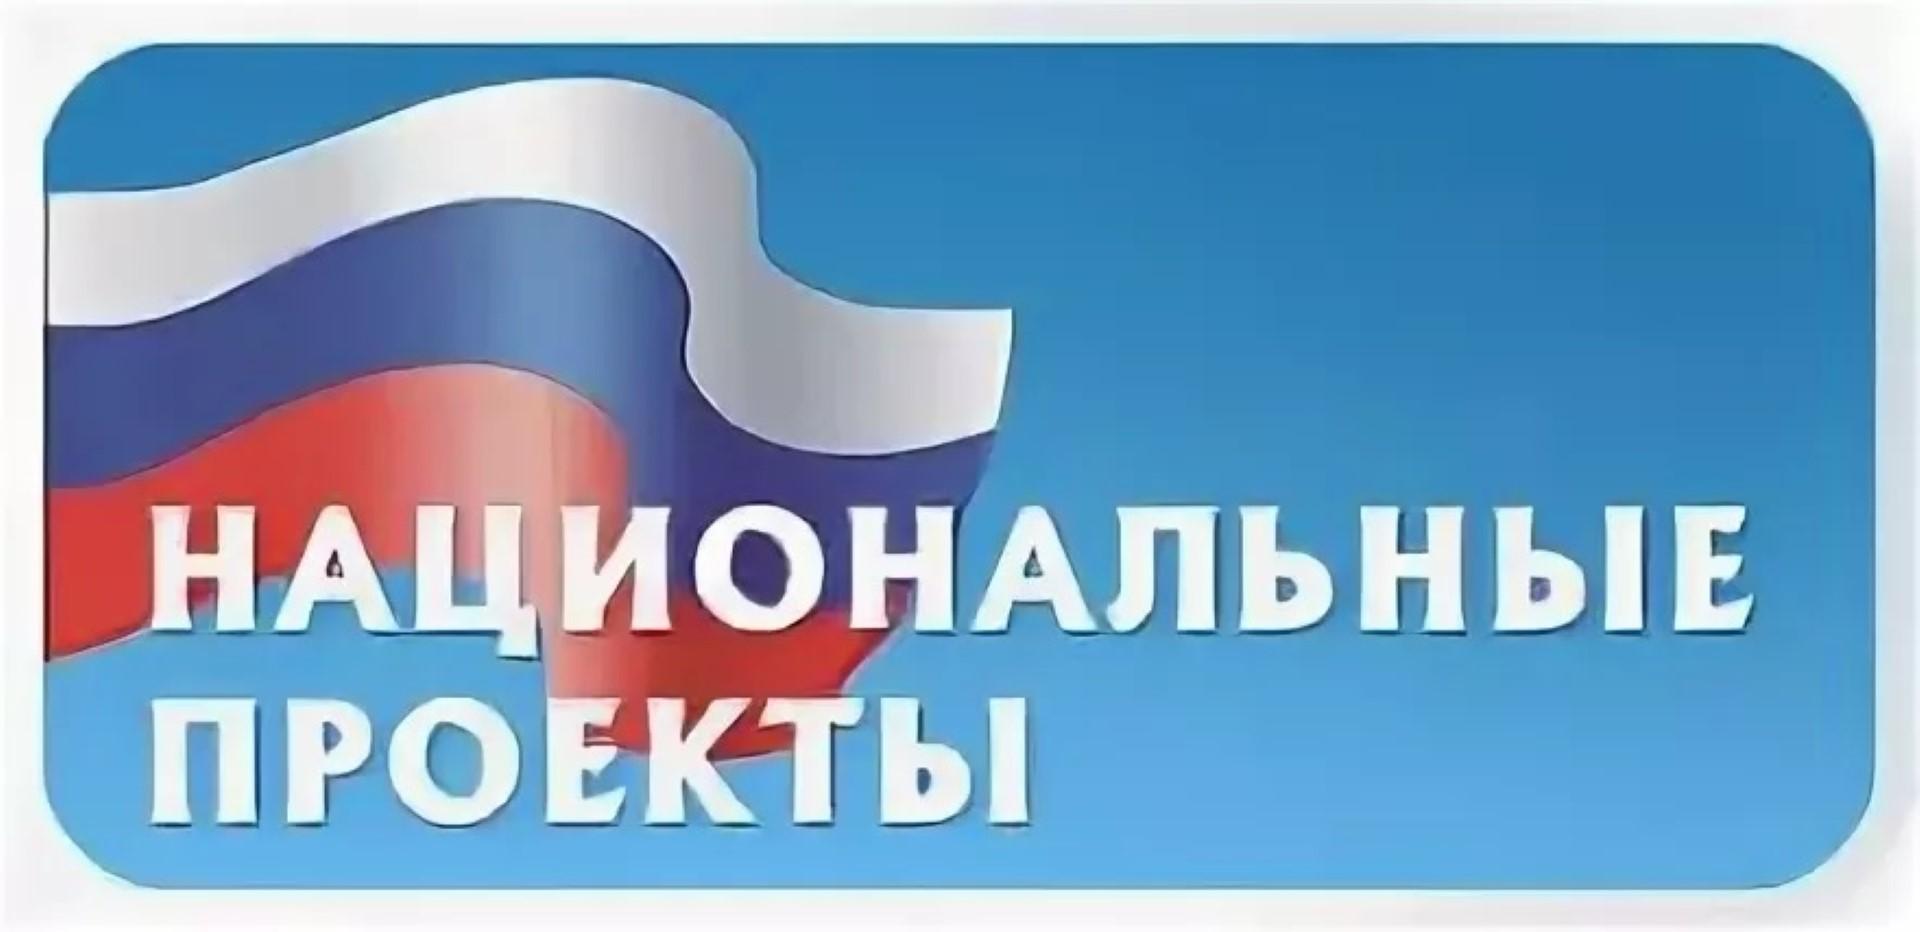 Якутия отстает по реализации национальных проектов